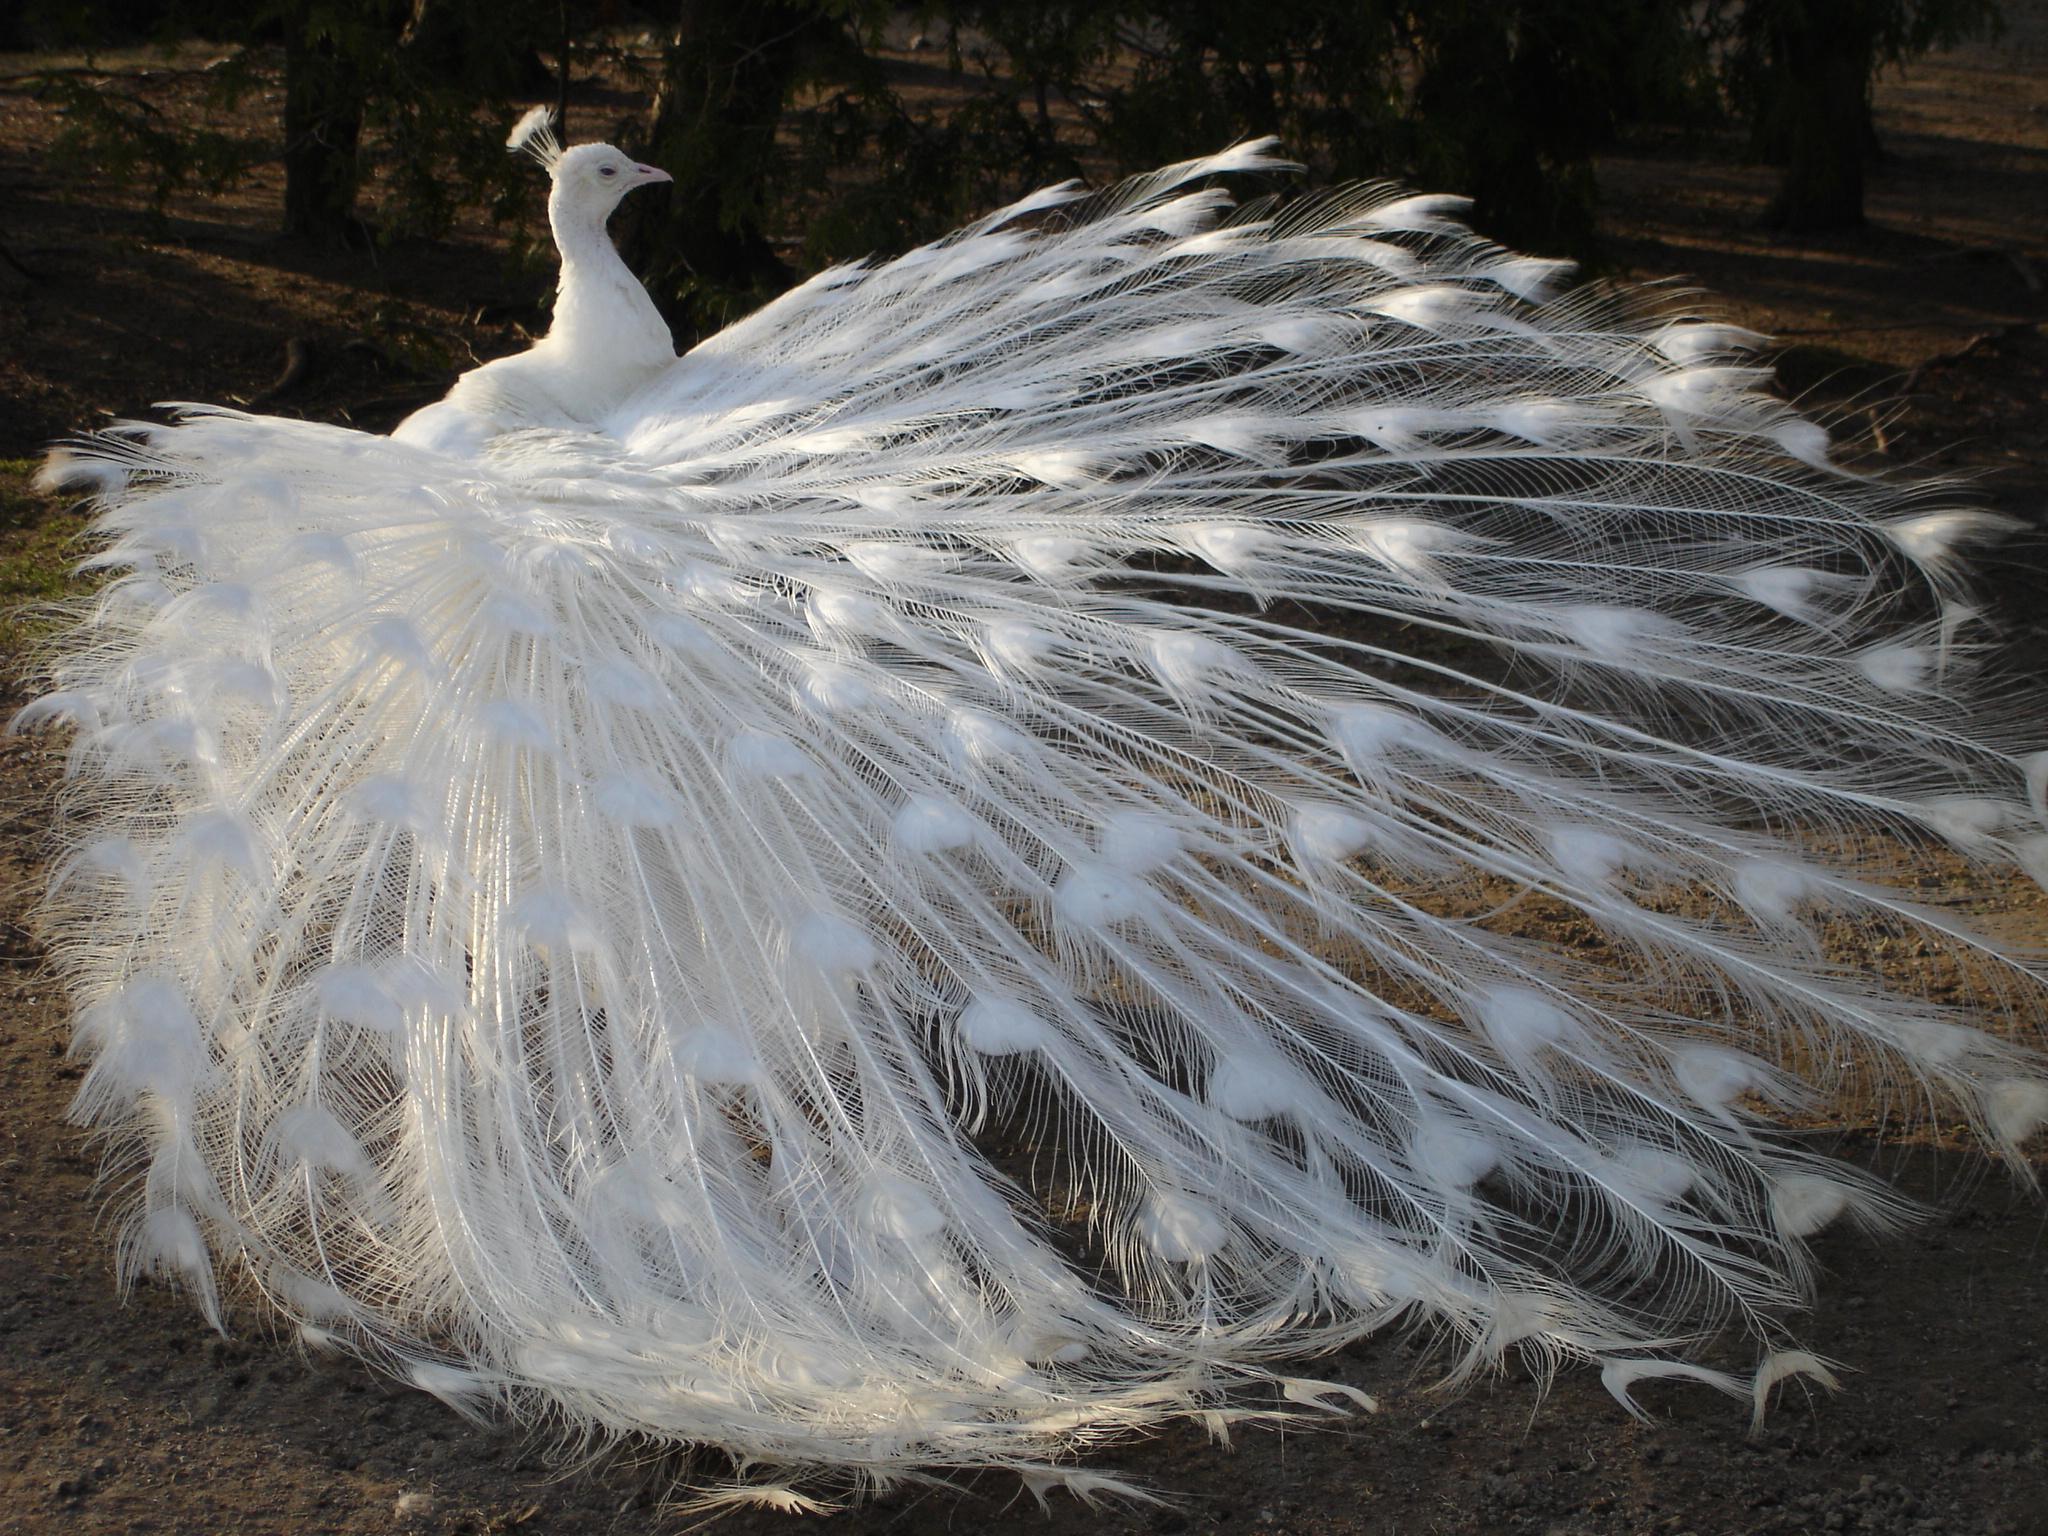 http://fc06.deviantart.net/fs30/f/2008/109/6/0/White_Peacock_01_by_MapleRose_stock.jpg